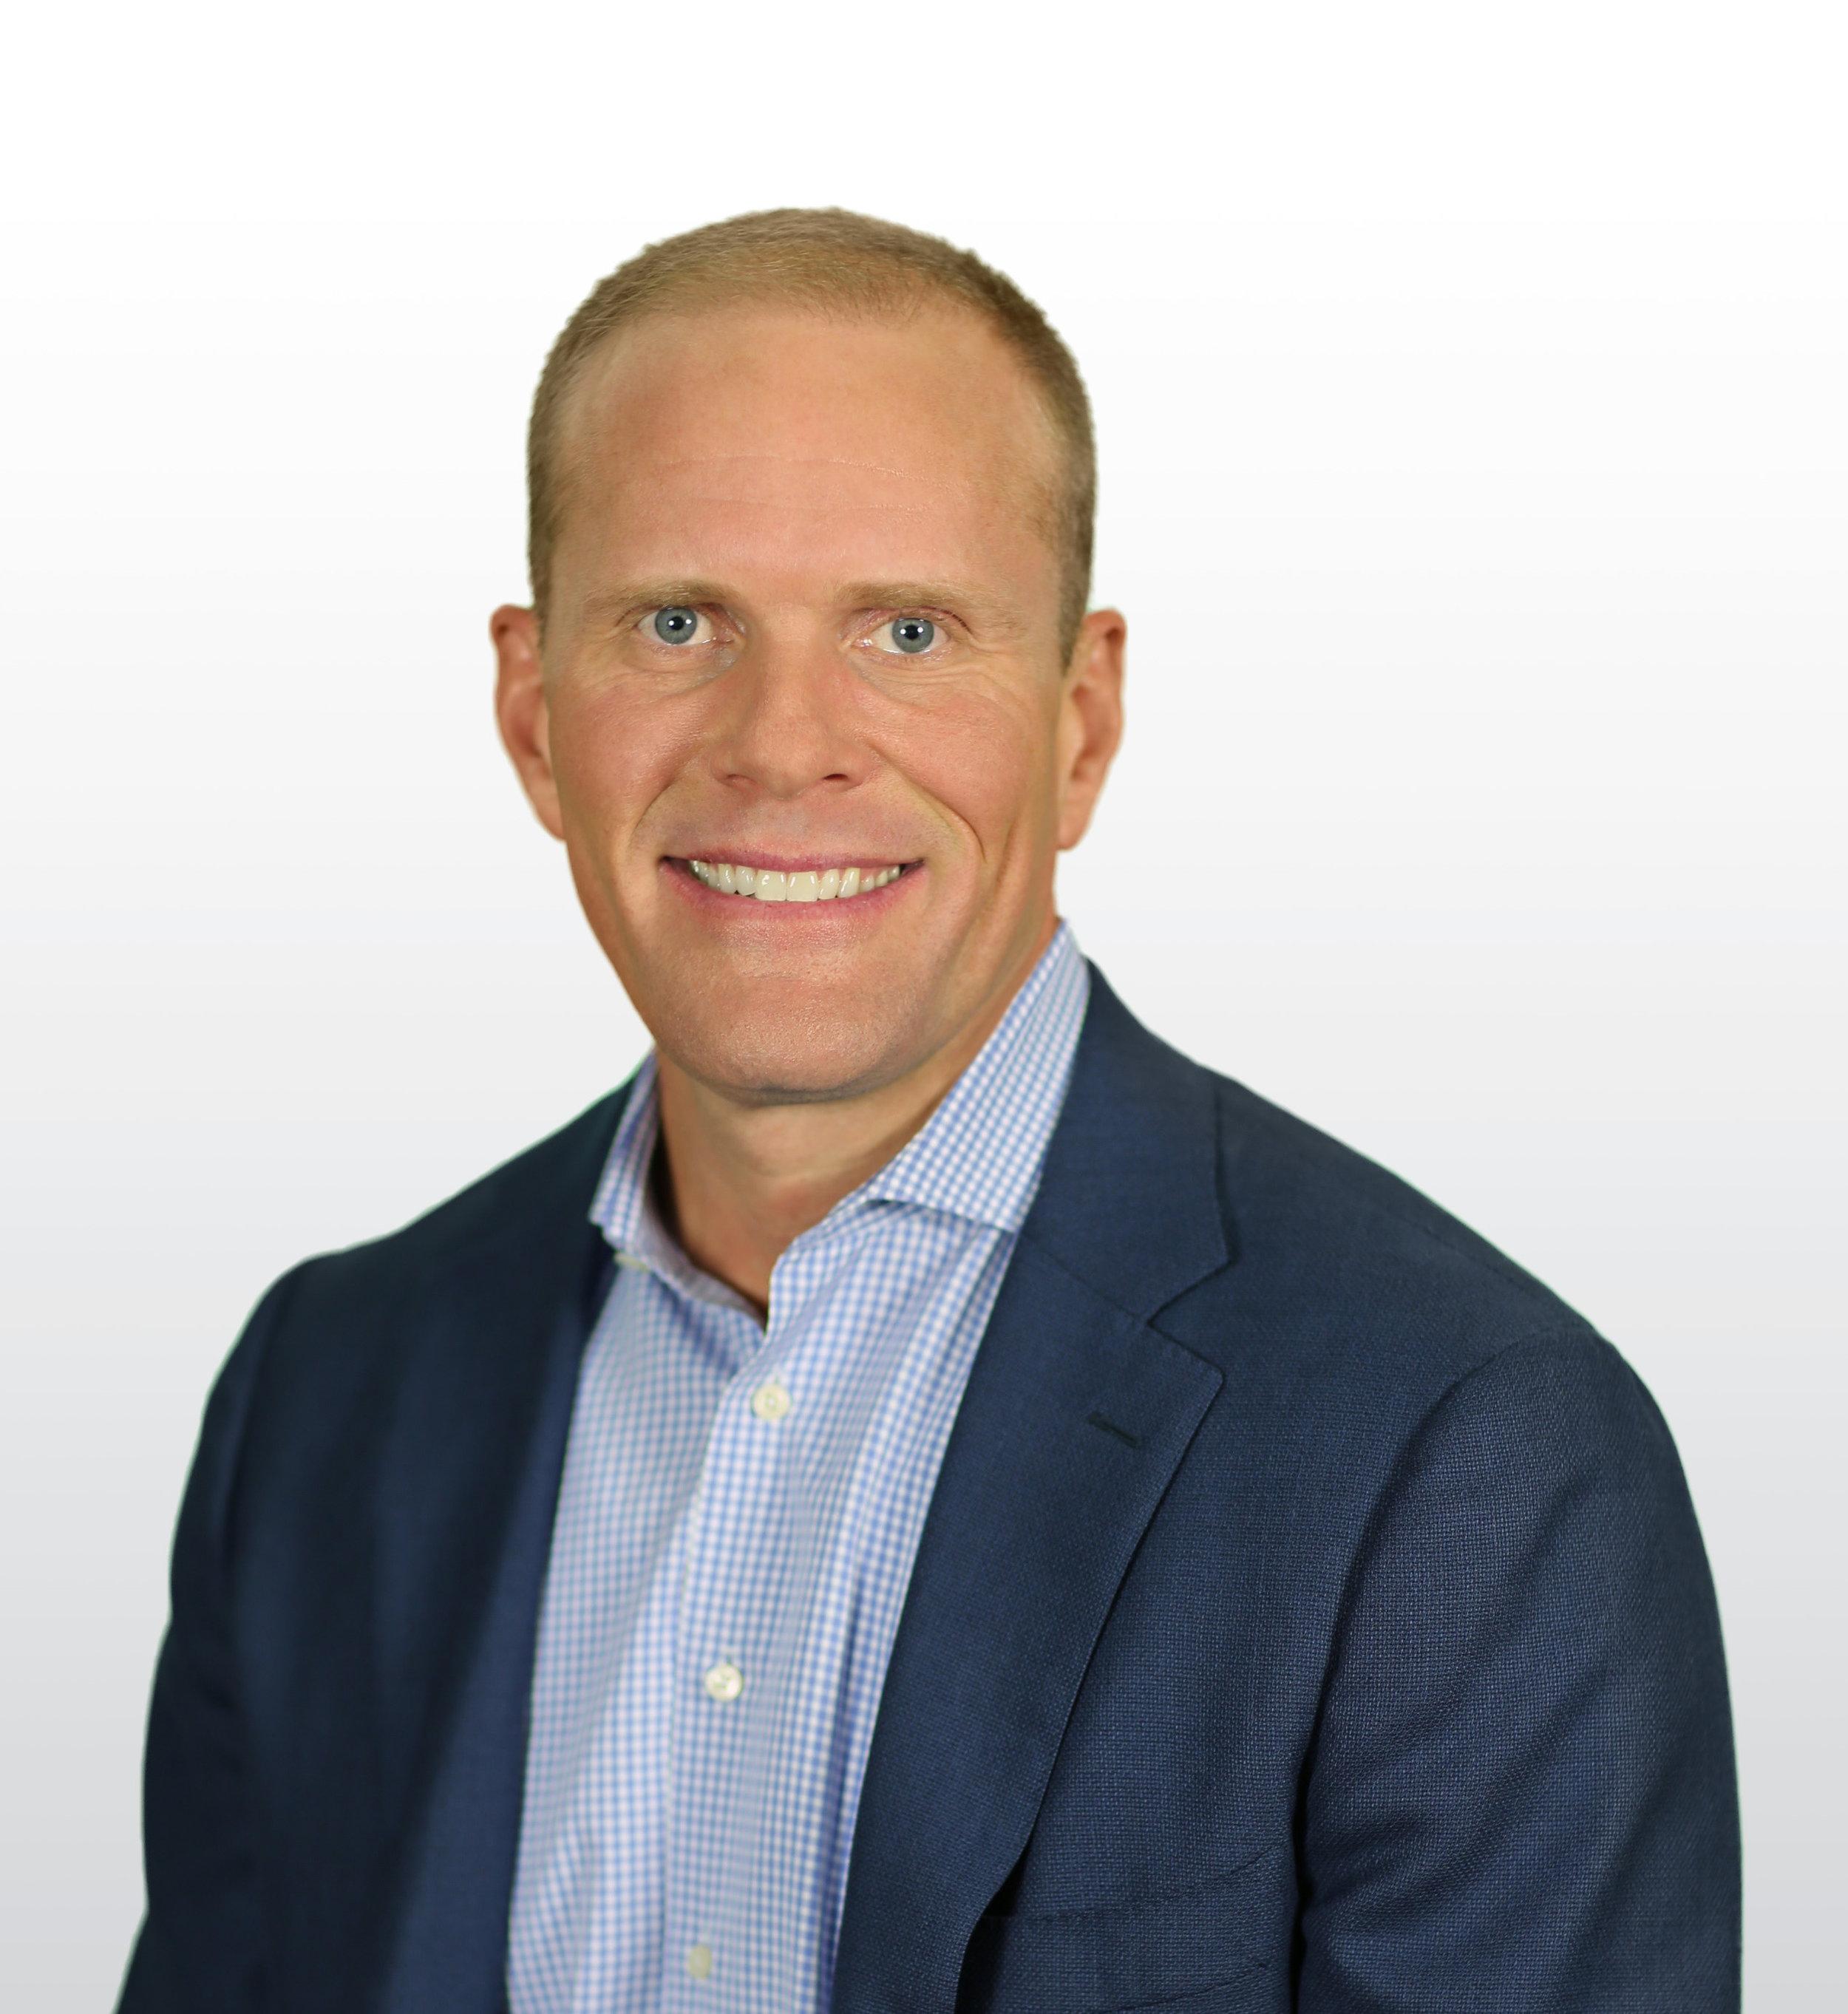 Jeff Fullmer, President atRisk Technologies